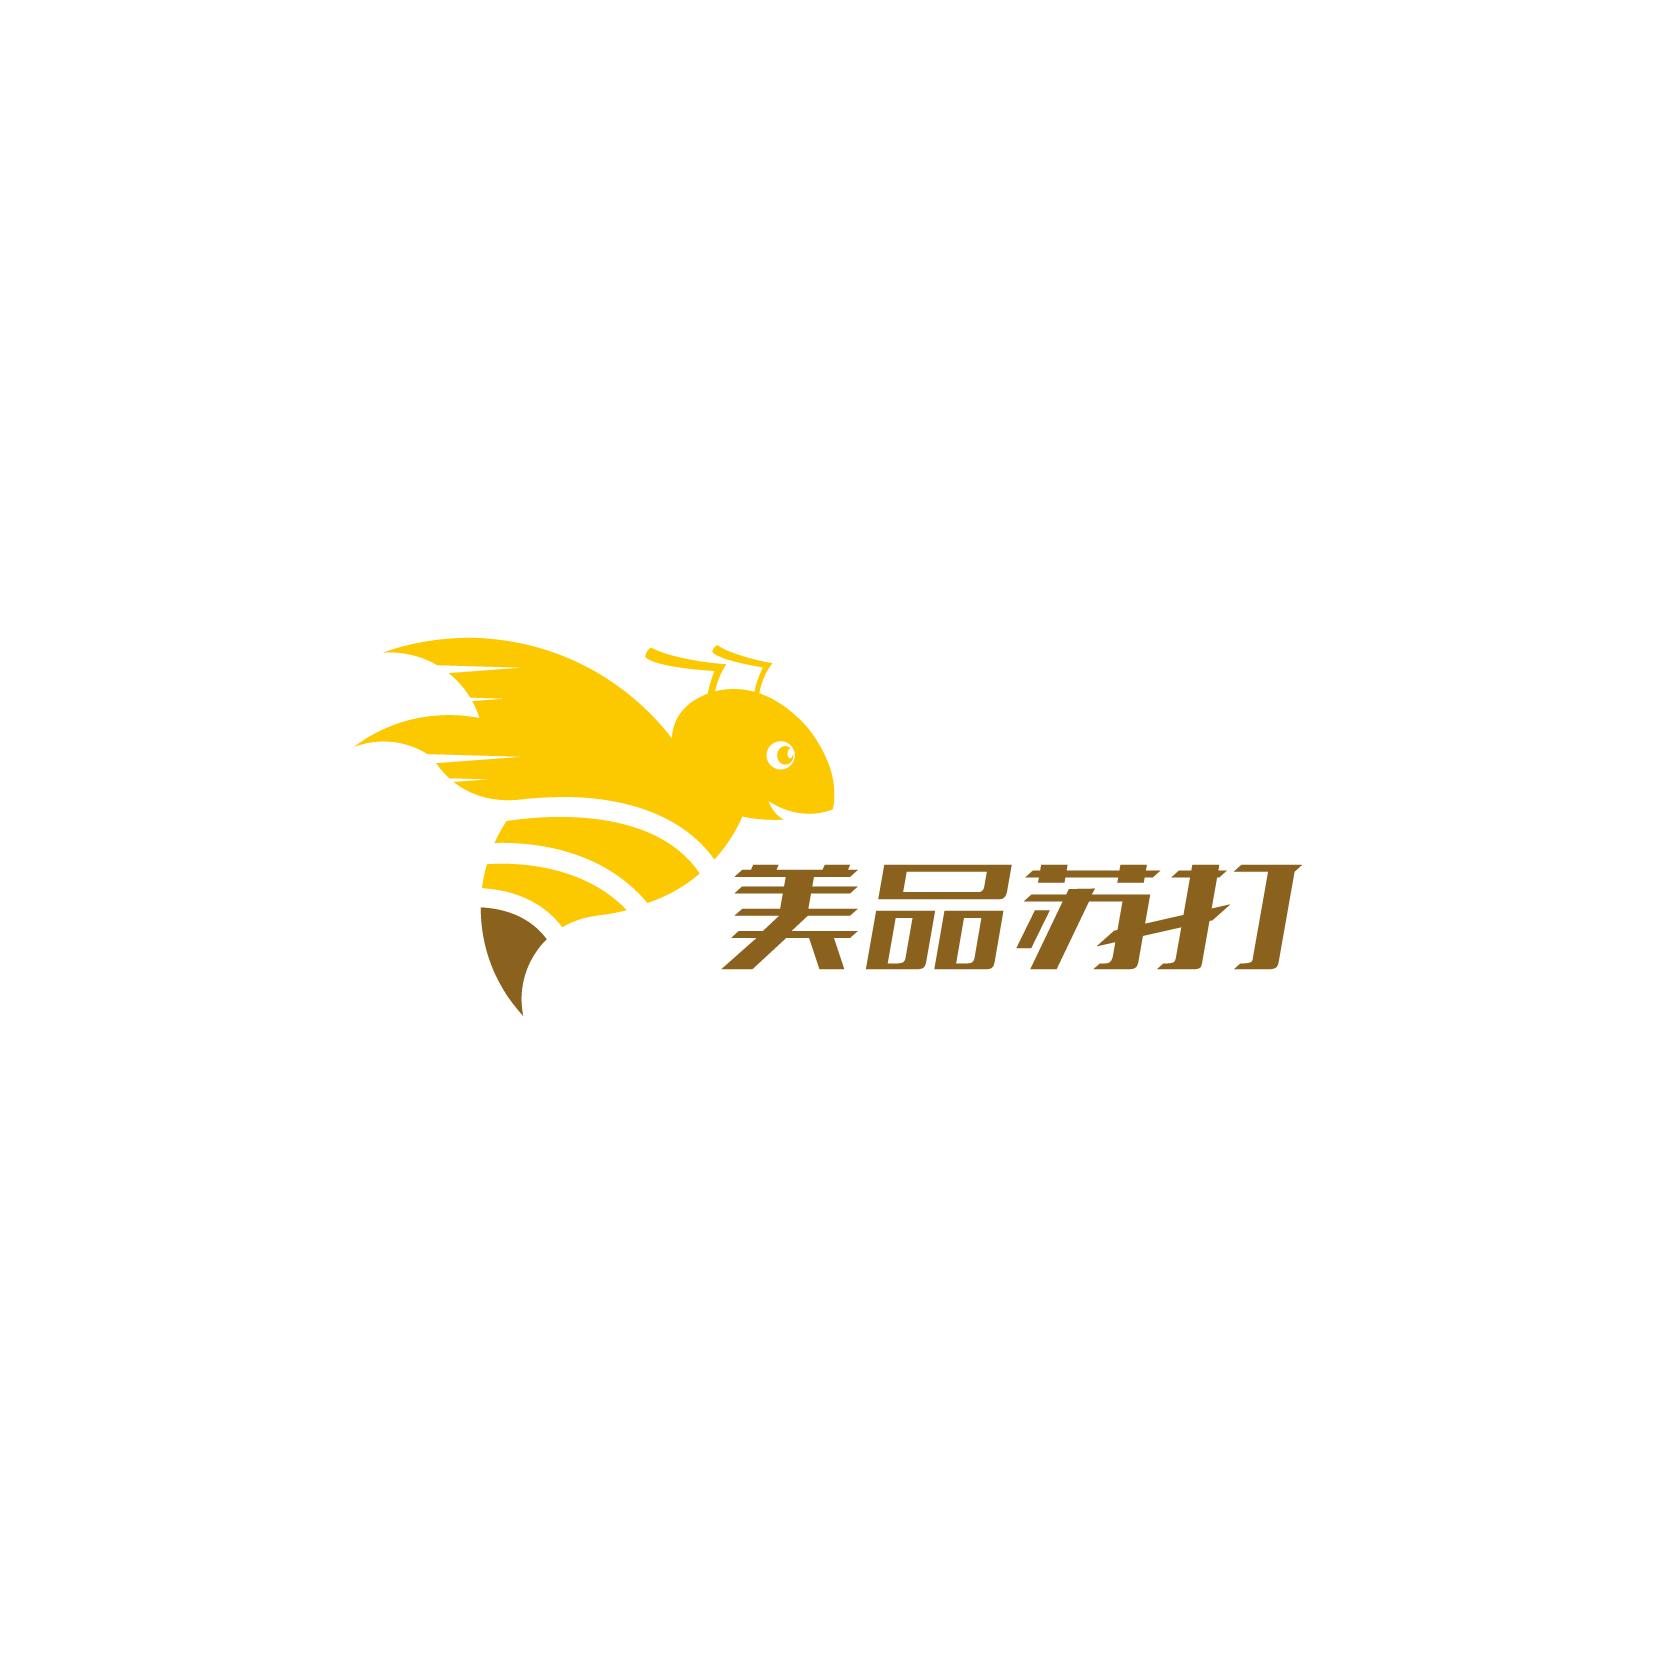 广州美品苏打网络科技有限公司